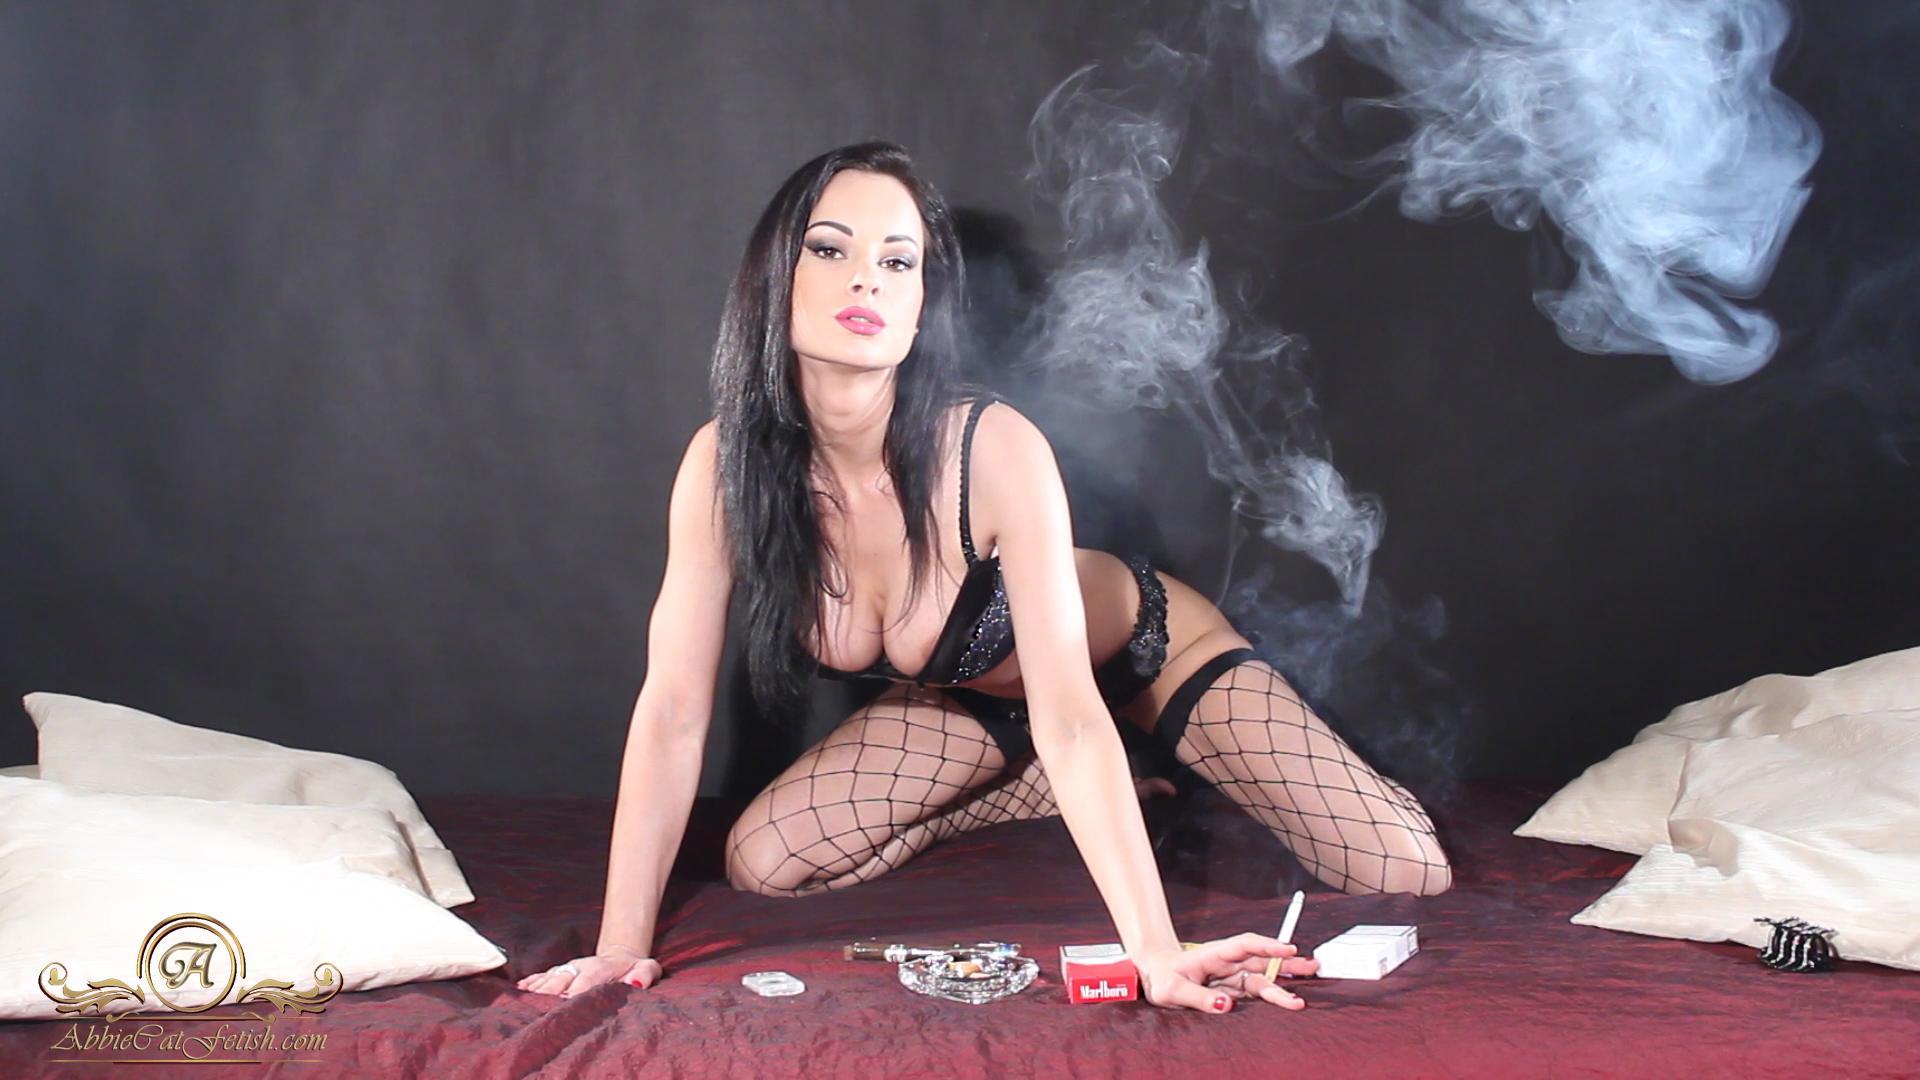 European milf Abbie Cat seduces busty Laura Orsolya in office № 1368020 загрузить